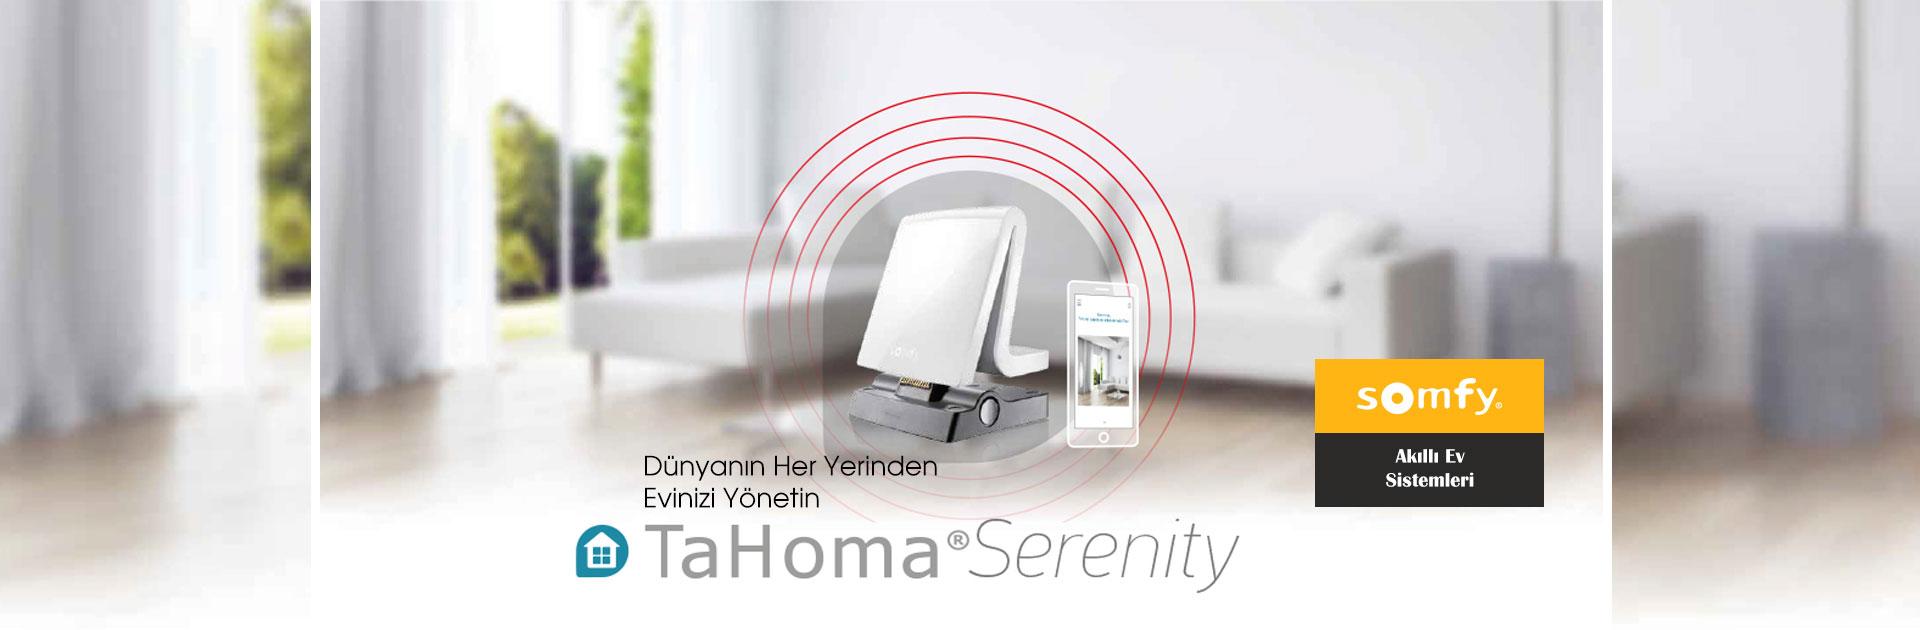 Somfy-Tahoma-Serenity